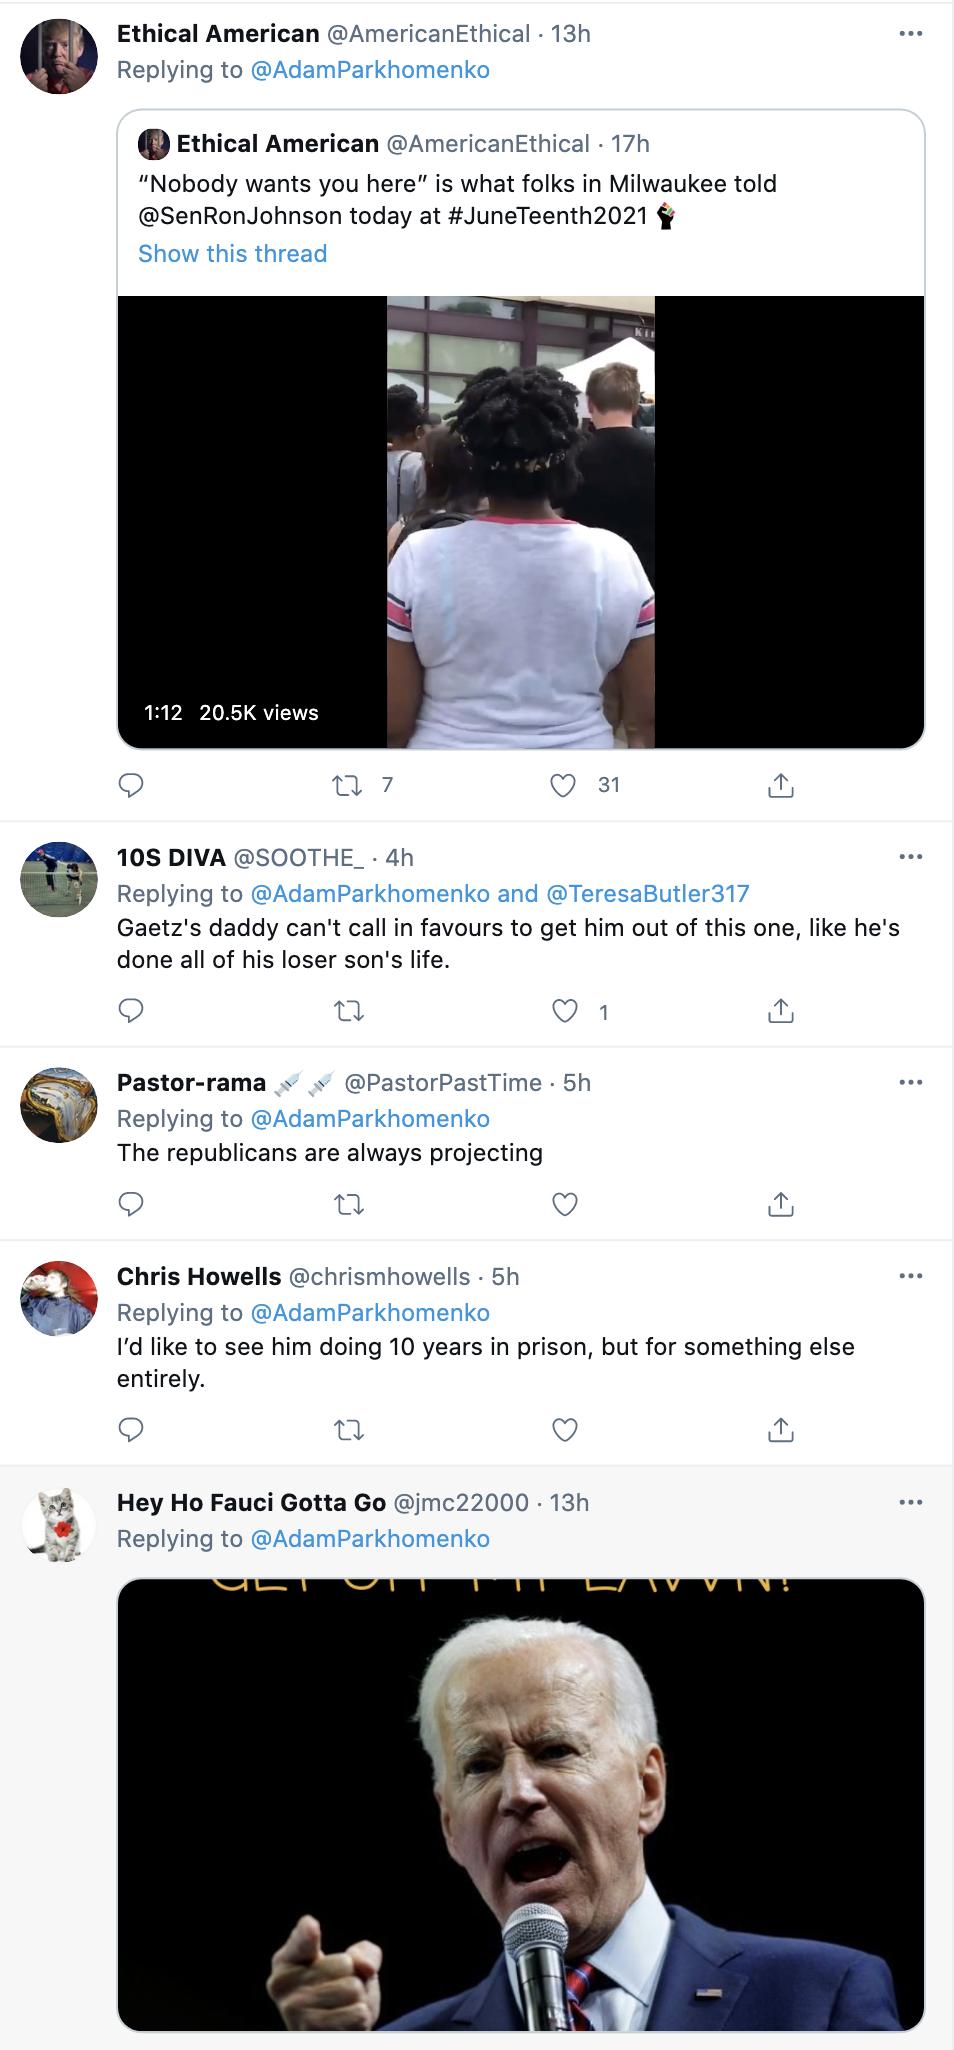 Screen-Shot-2021-06-20-at-10.40.39-AM 'Cokehead Matt Gaetz' Banner Flown Over Florida Trolling Congressman Crime Featured Politics Sexual Assault/Rape Top Stories